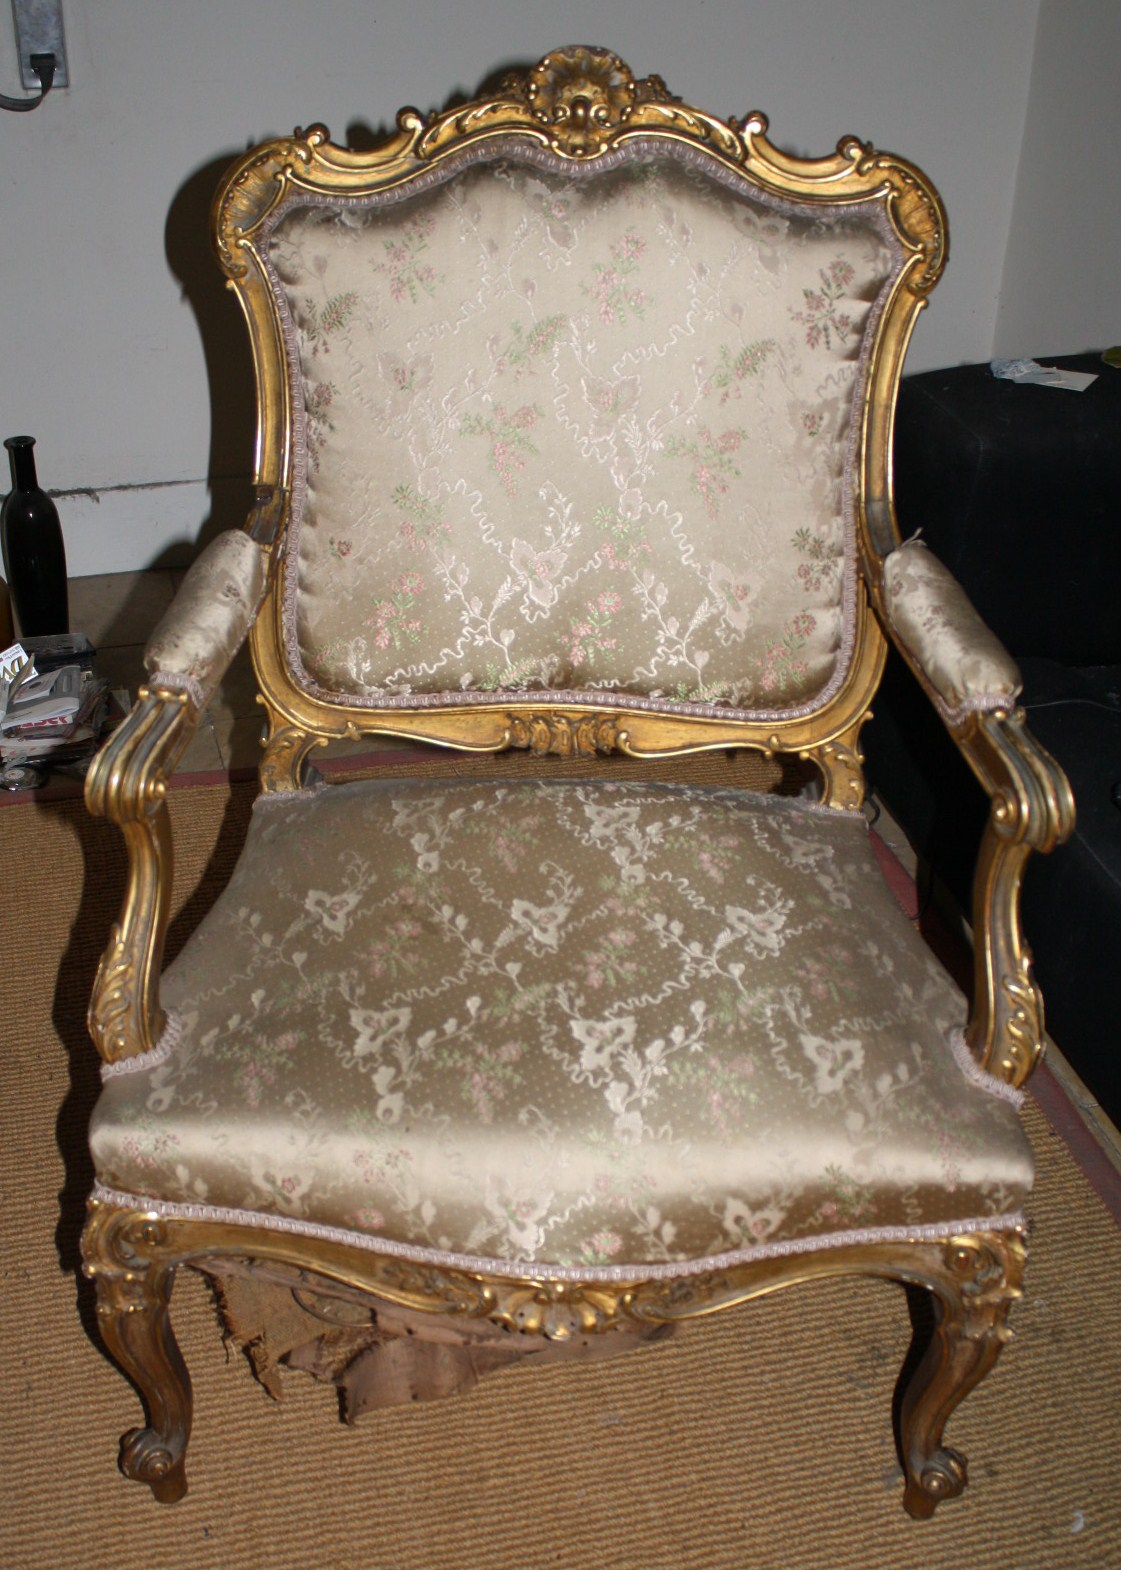 Restaurata RESTAURACIN DE DORADOS Un saloncito Luis XV